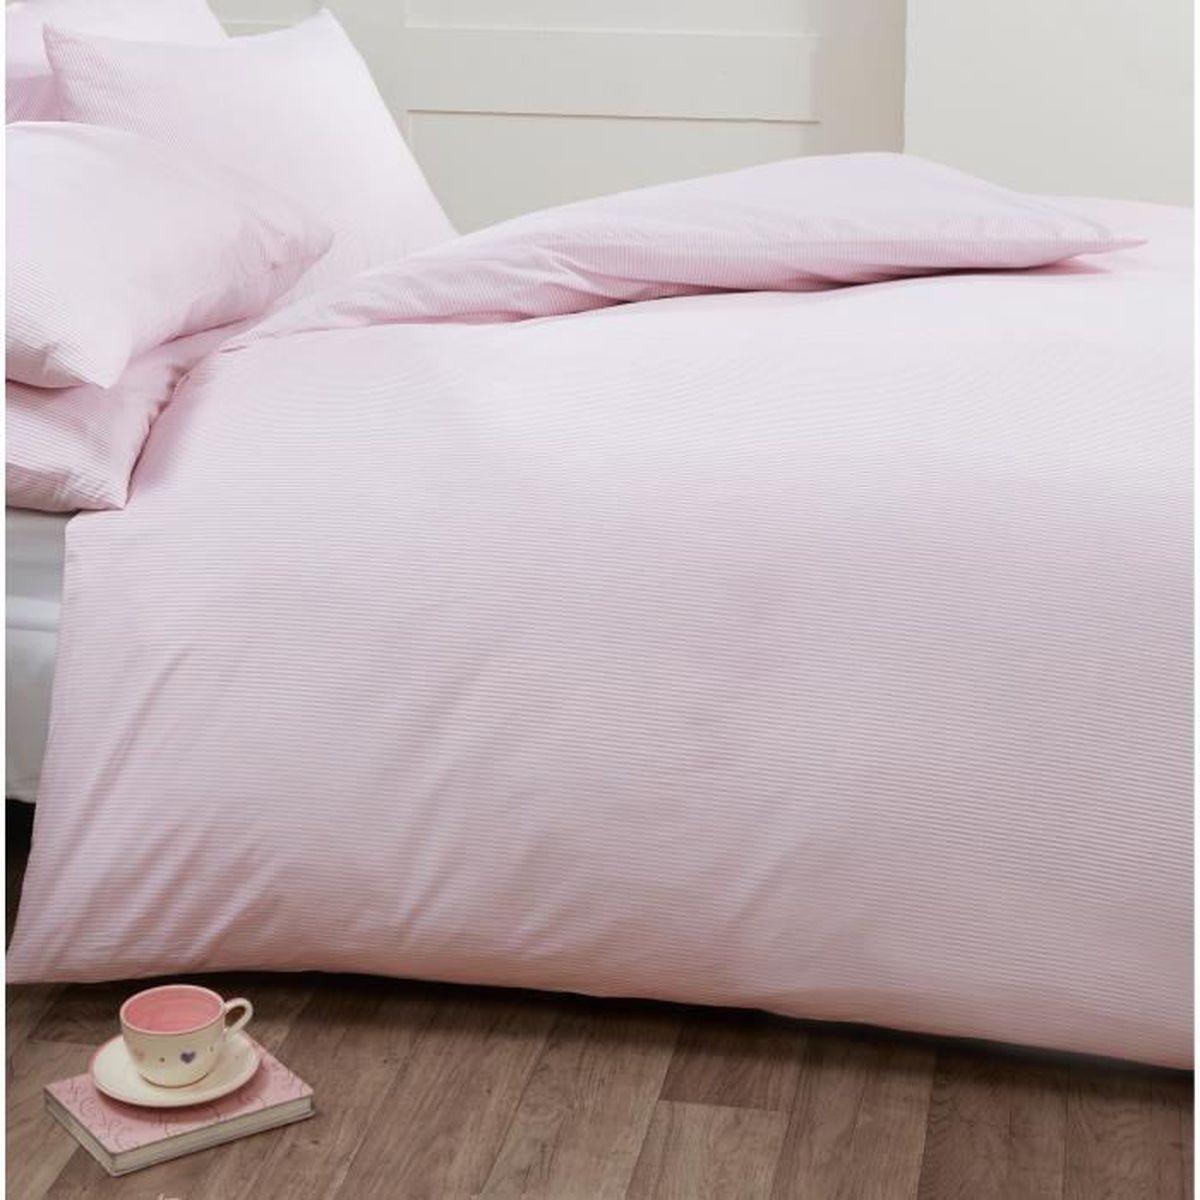 louisiana bedding parure de lit rose et blanc rayures fines housse de couette 260x220 cm. Black Bedroom Furniture Sets. Home Design Ideas